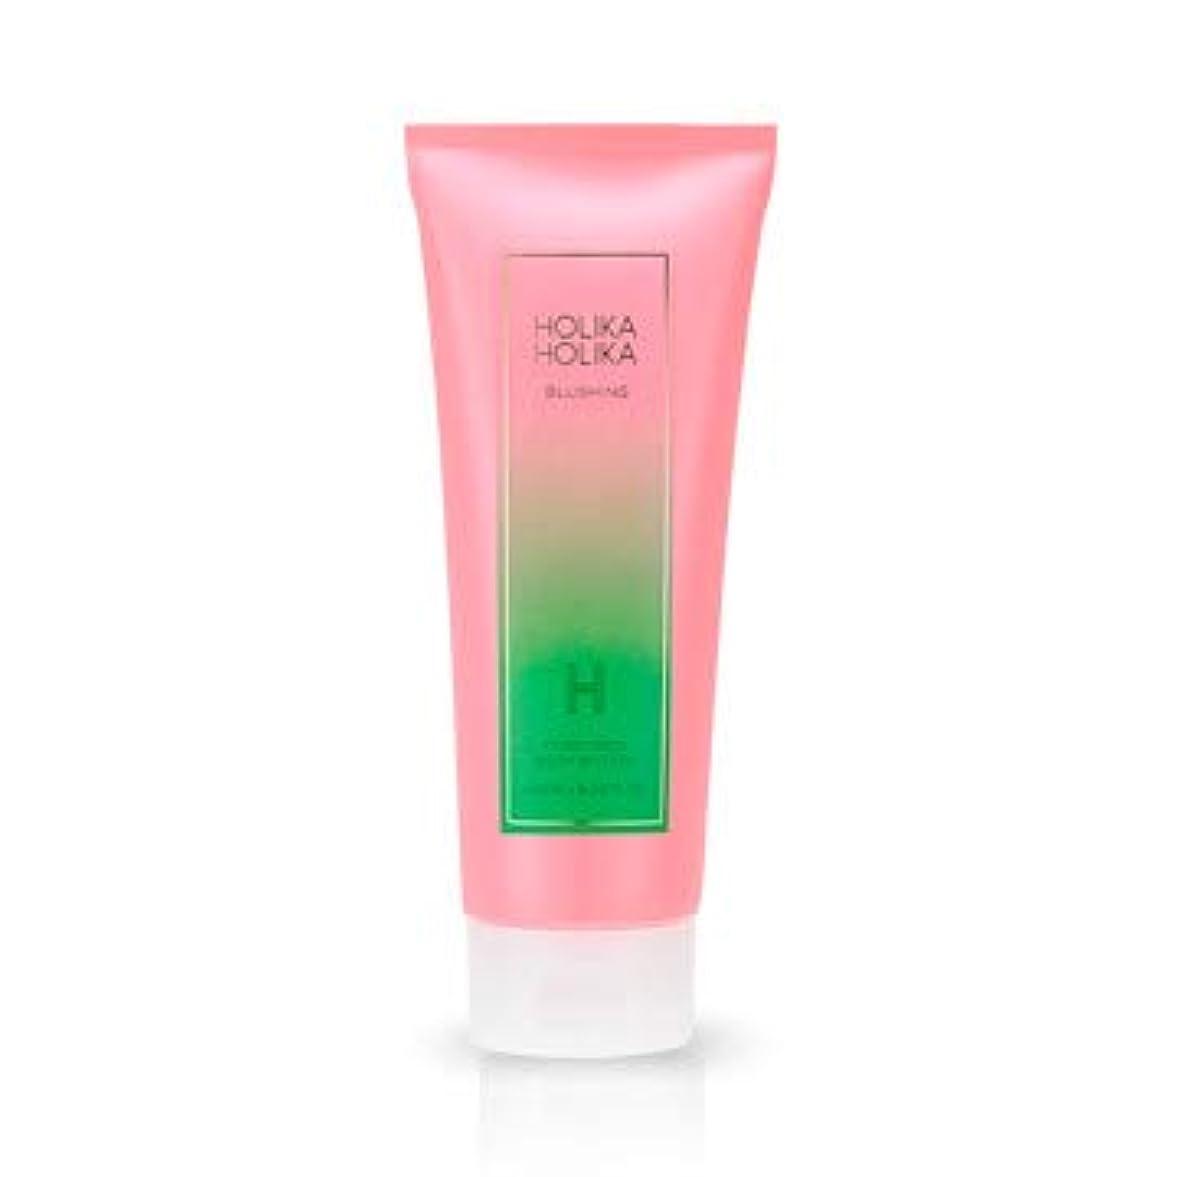 ホリカホリカ パーヒュームボディーバターBLUSHING/HolikaHolika Perfumed Body Butter BLUSHING 200ml 韓国コスメ [並行輸入品]